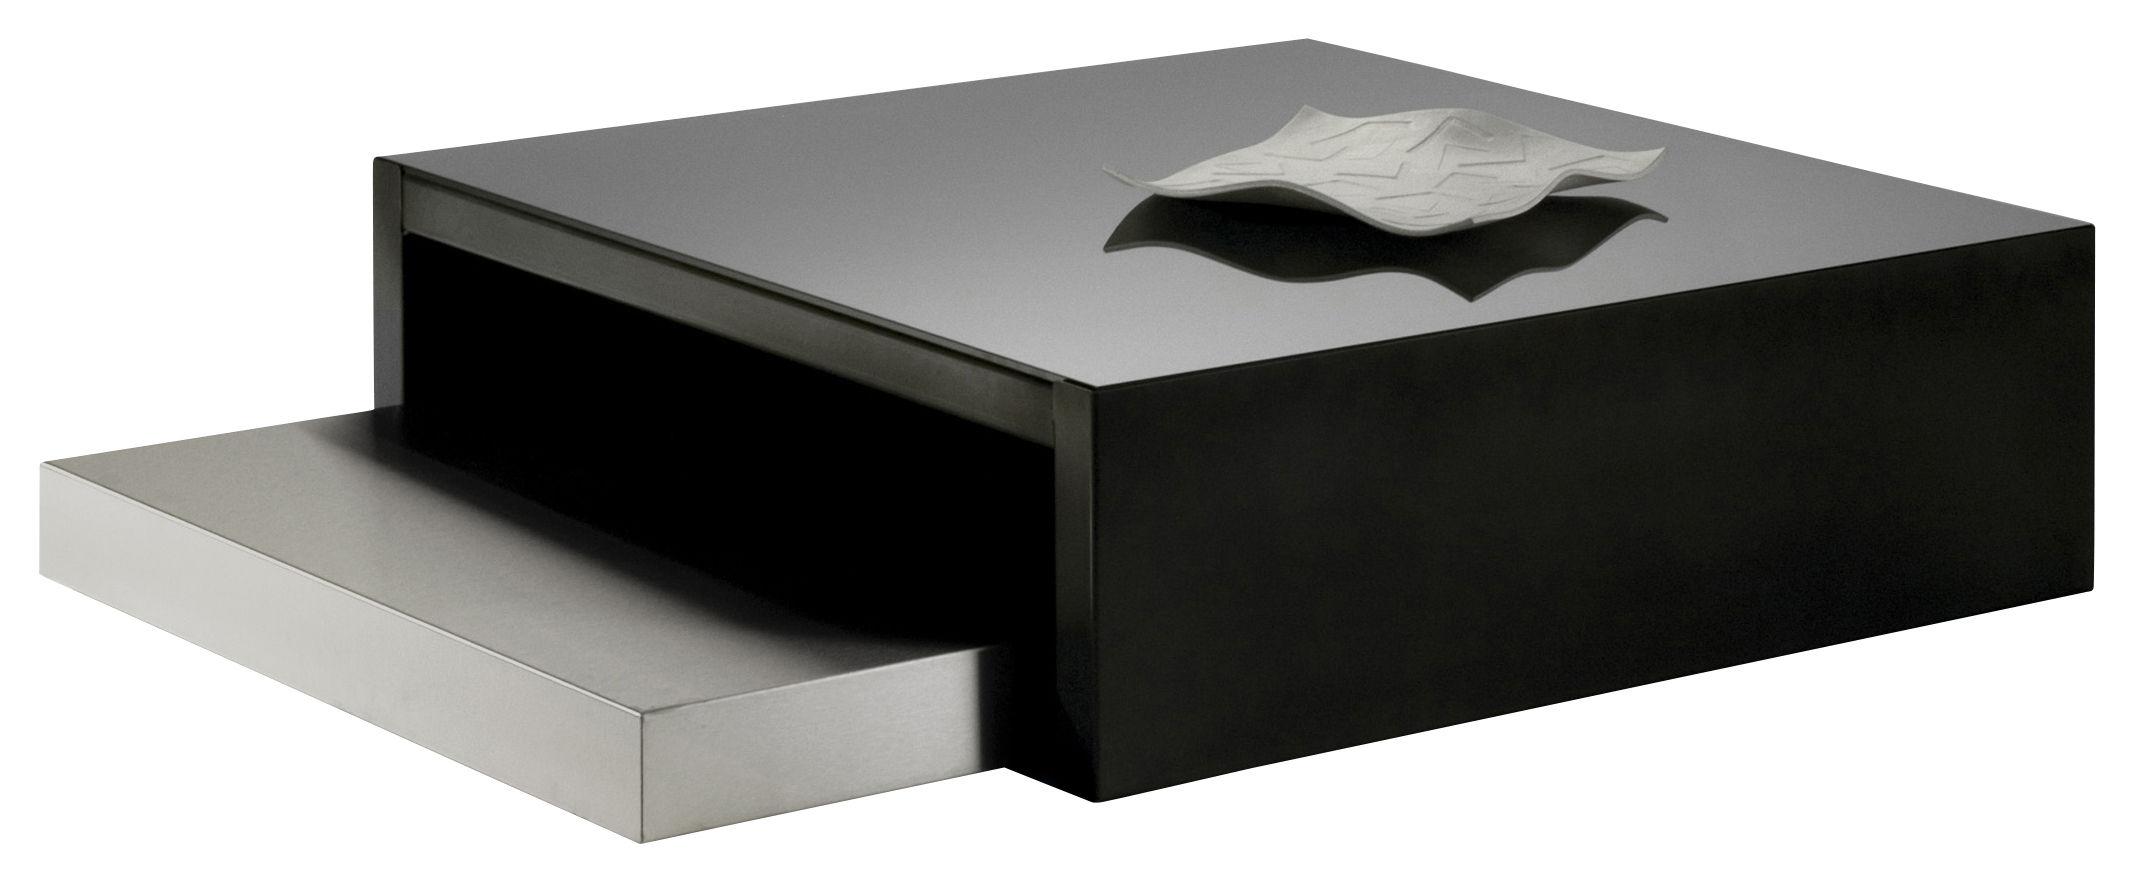 Möbel - Couchtische - Max & Moritz Satz-Tische Schwarzes Glas - Zeus - Phosphatierter Stahl und Glas, schwarz- Edelstahl - 100 x 100 cm - Glas, satinierter Stahl